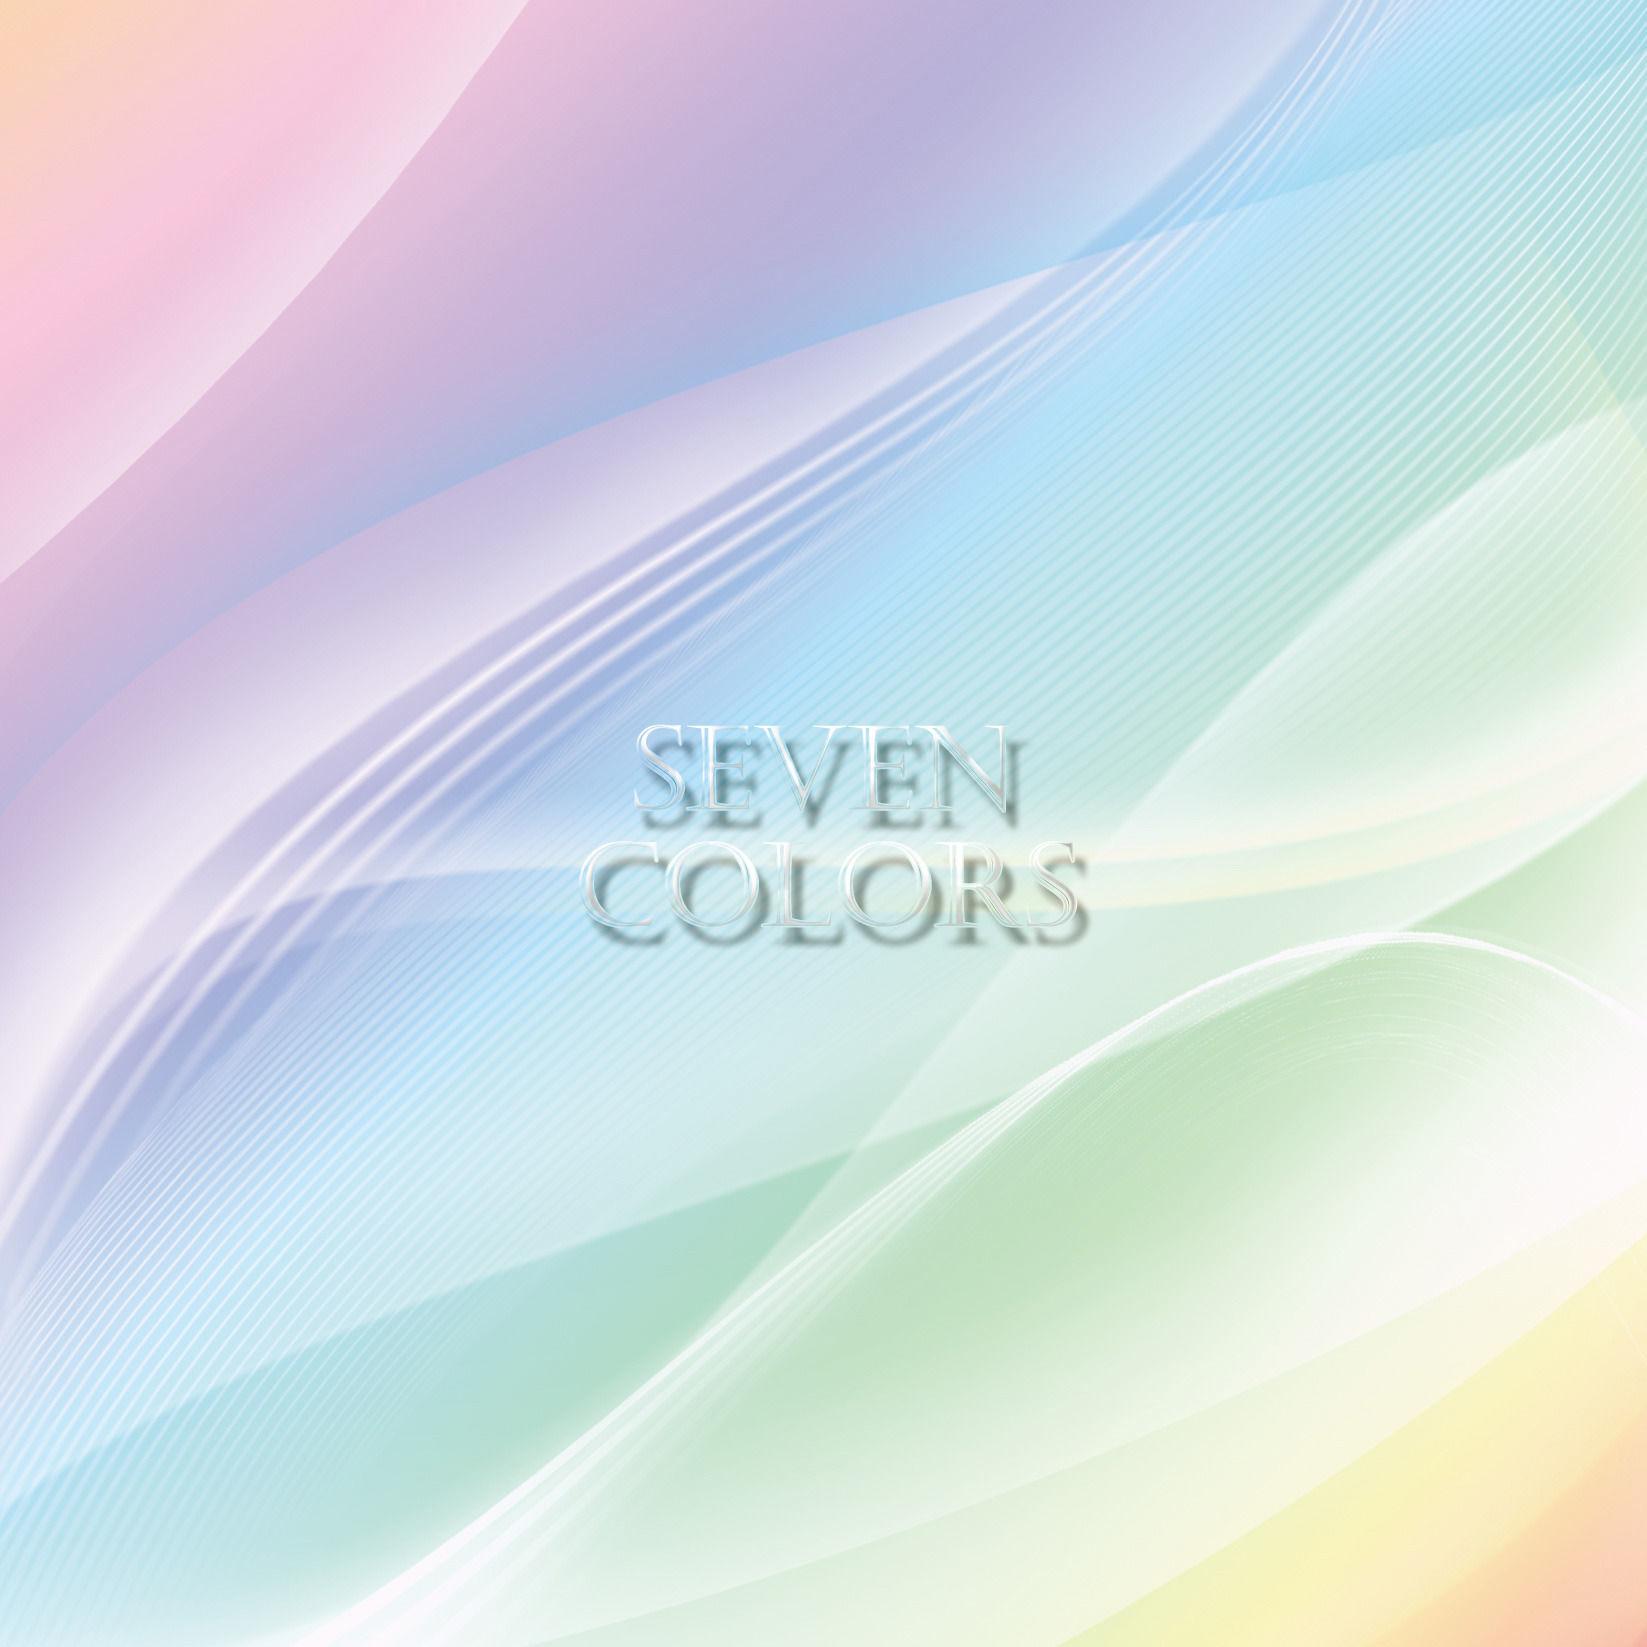 オムニバスCD『SEVEN COLORS』